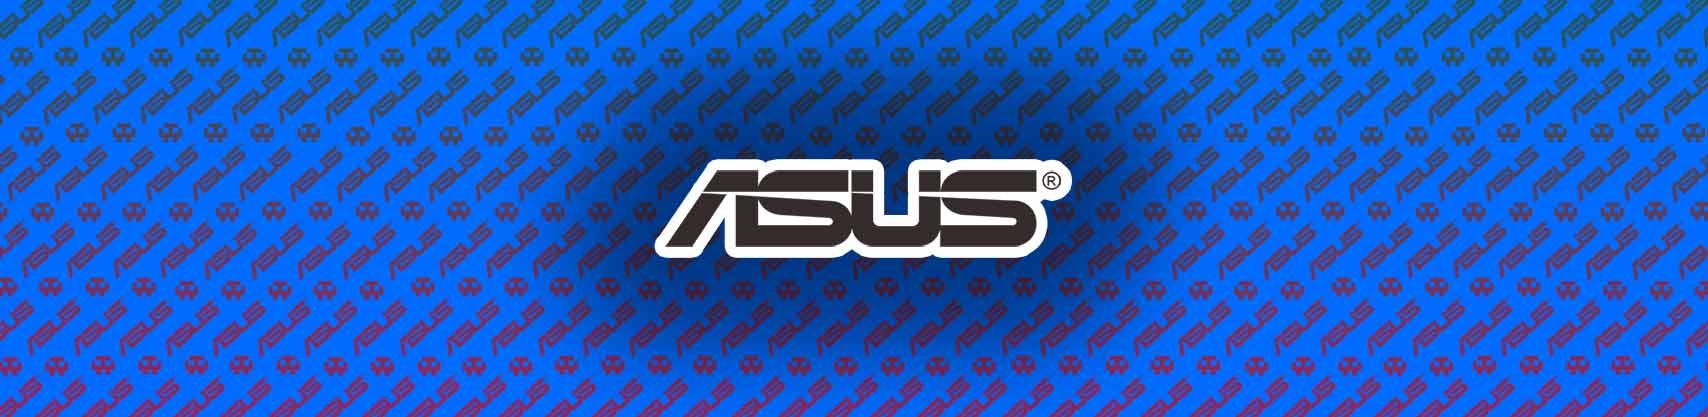 Asus Prime Z390-A Manual